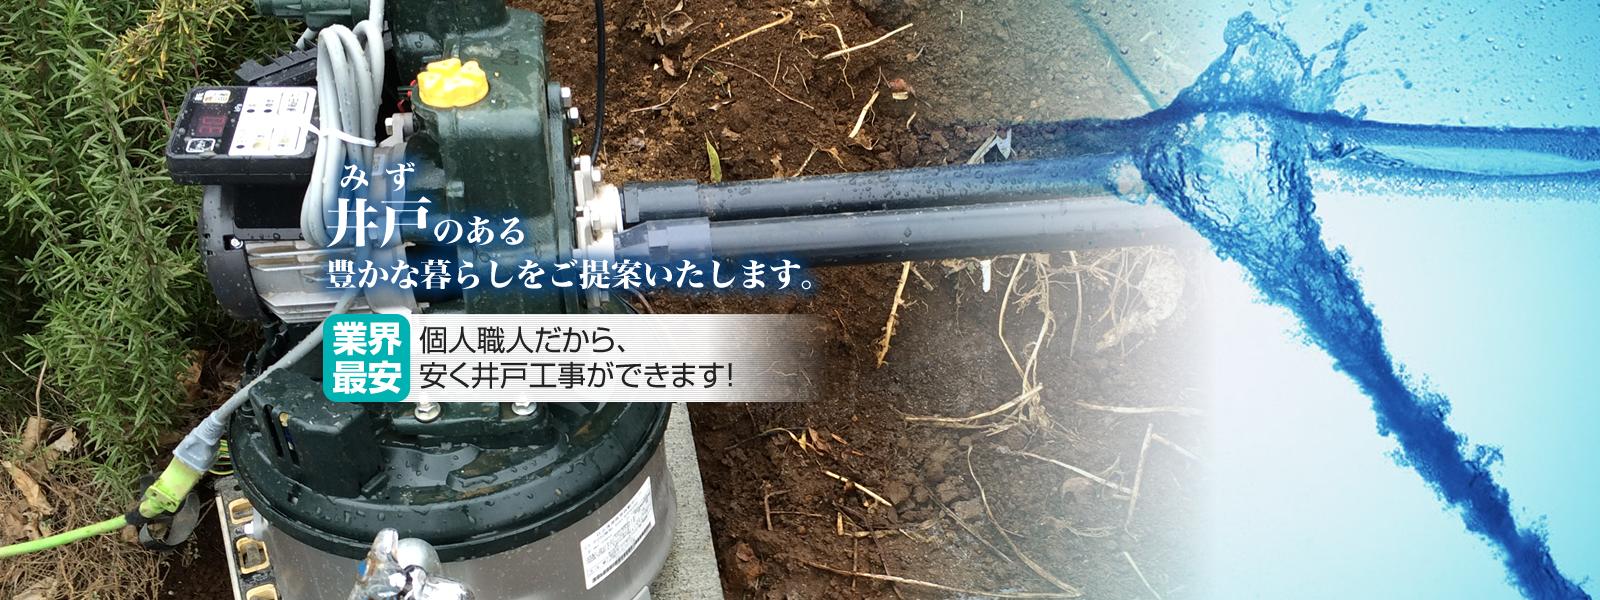 ボコ井戸サービス